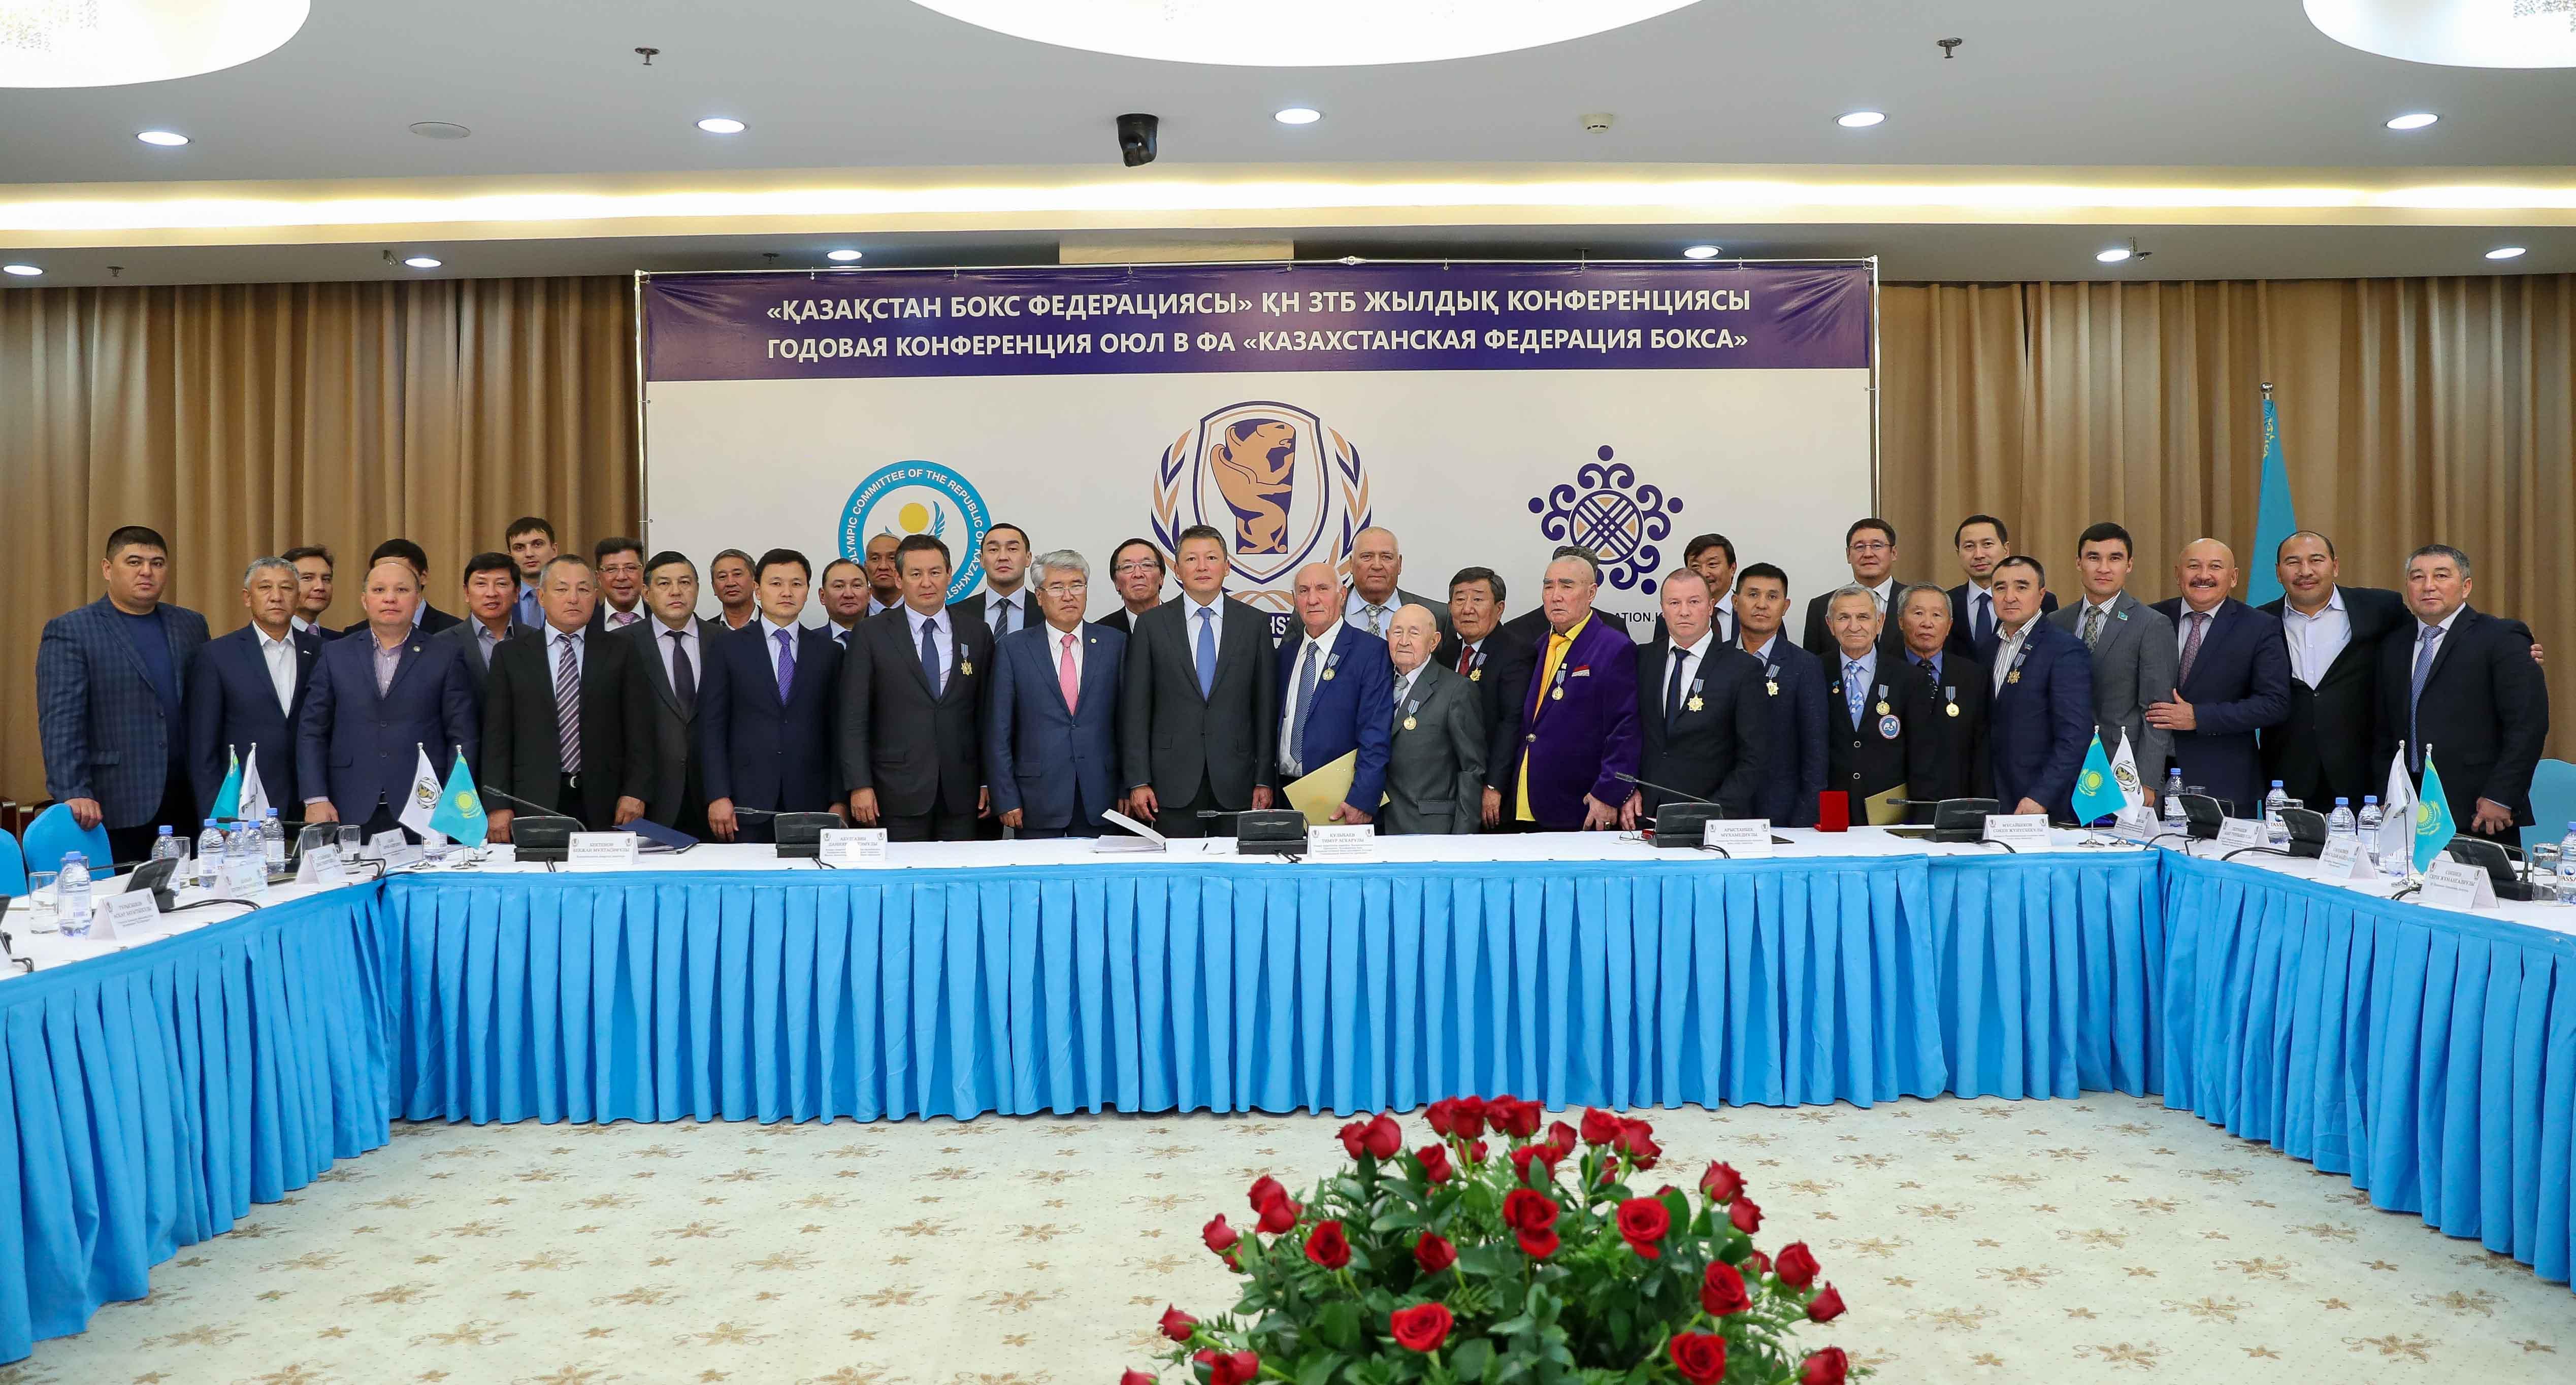 На Конференции КФБ подведены итоги 2017 года